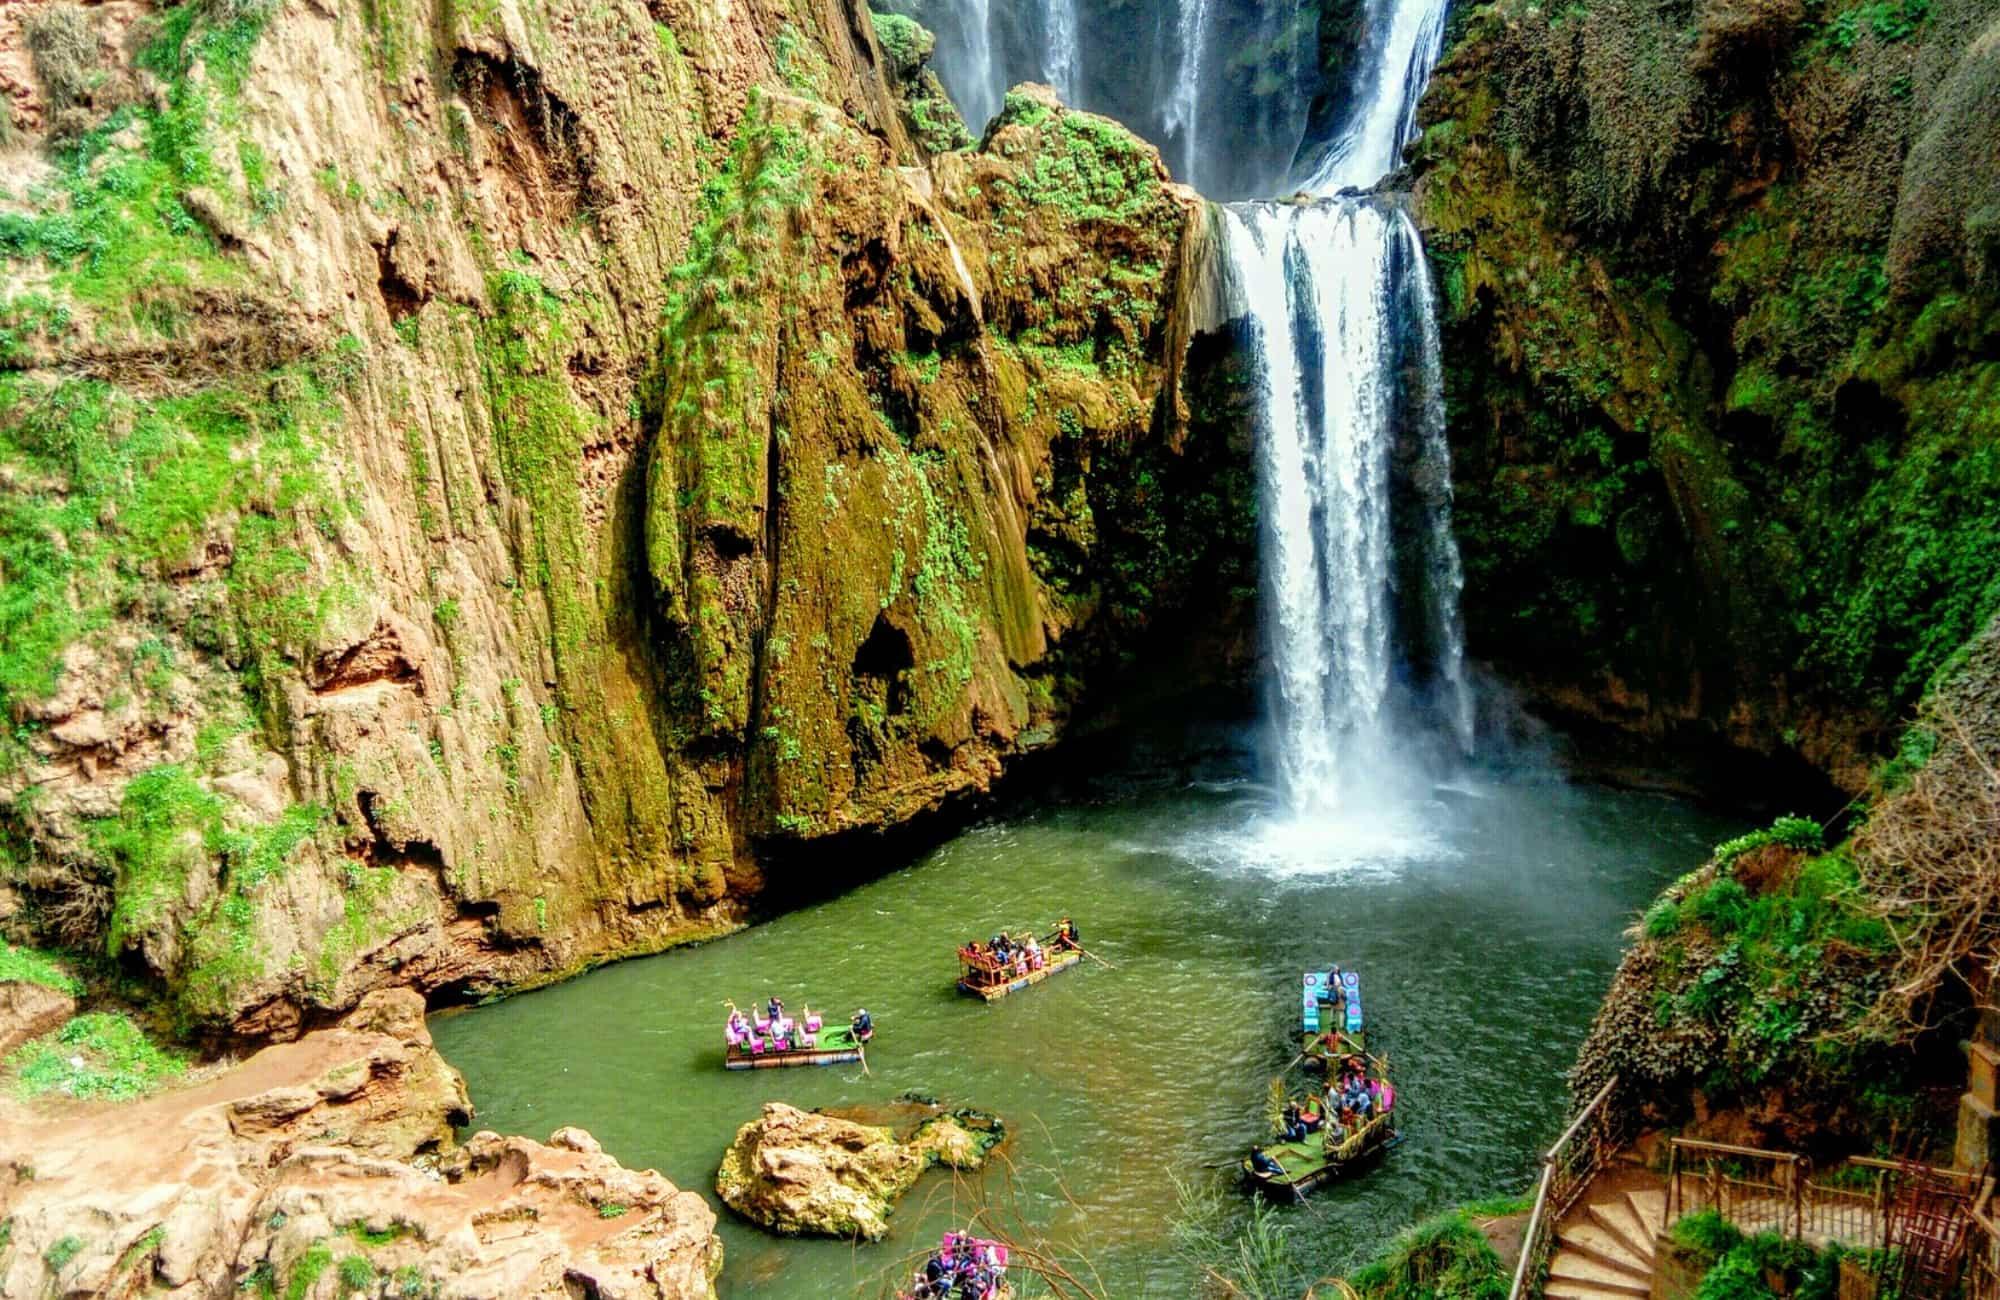 Cascades d'Ouzoud au milieu de l'Atlas